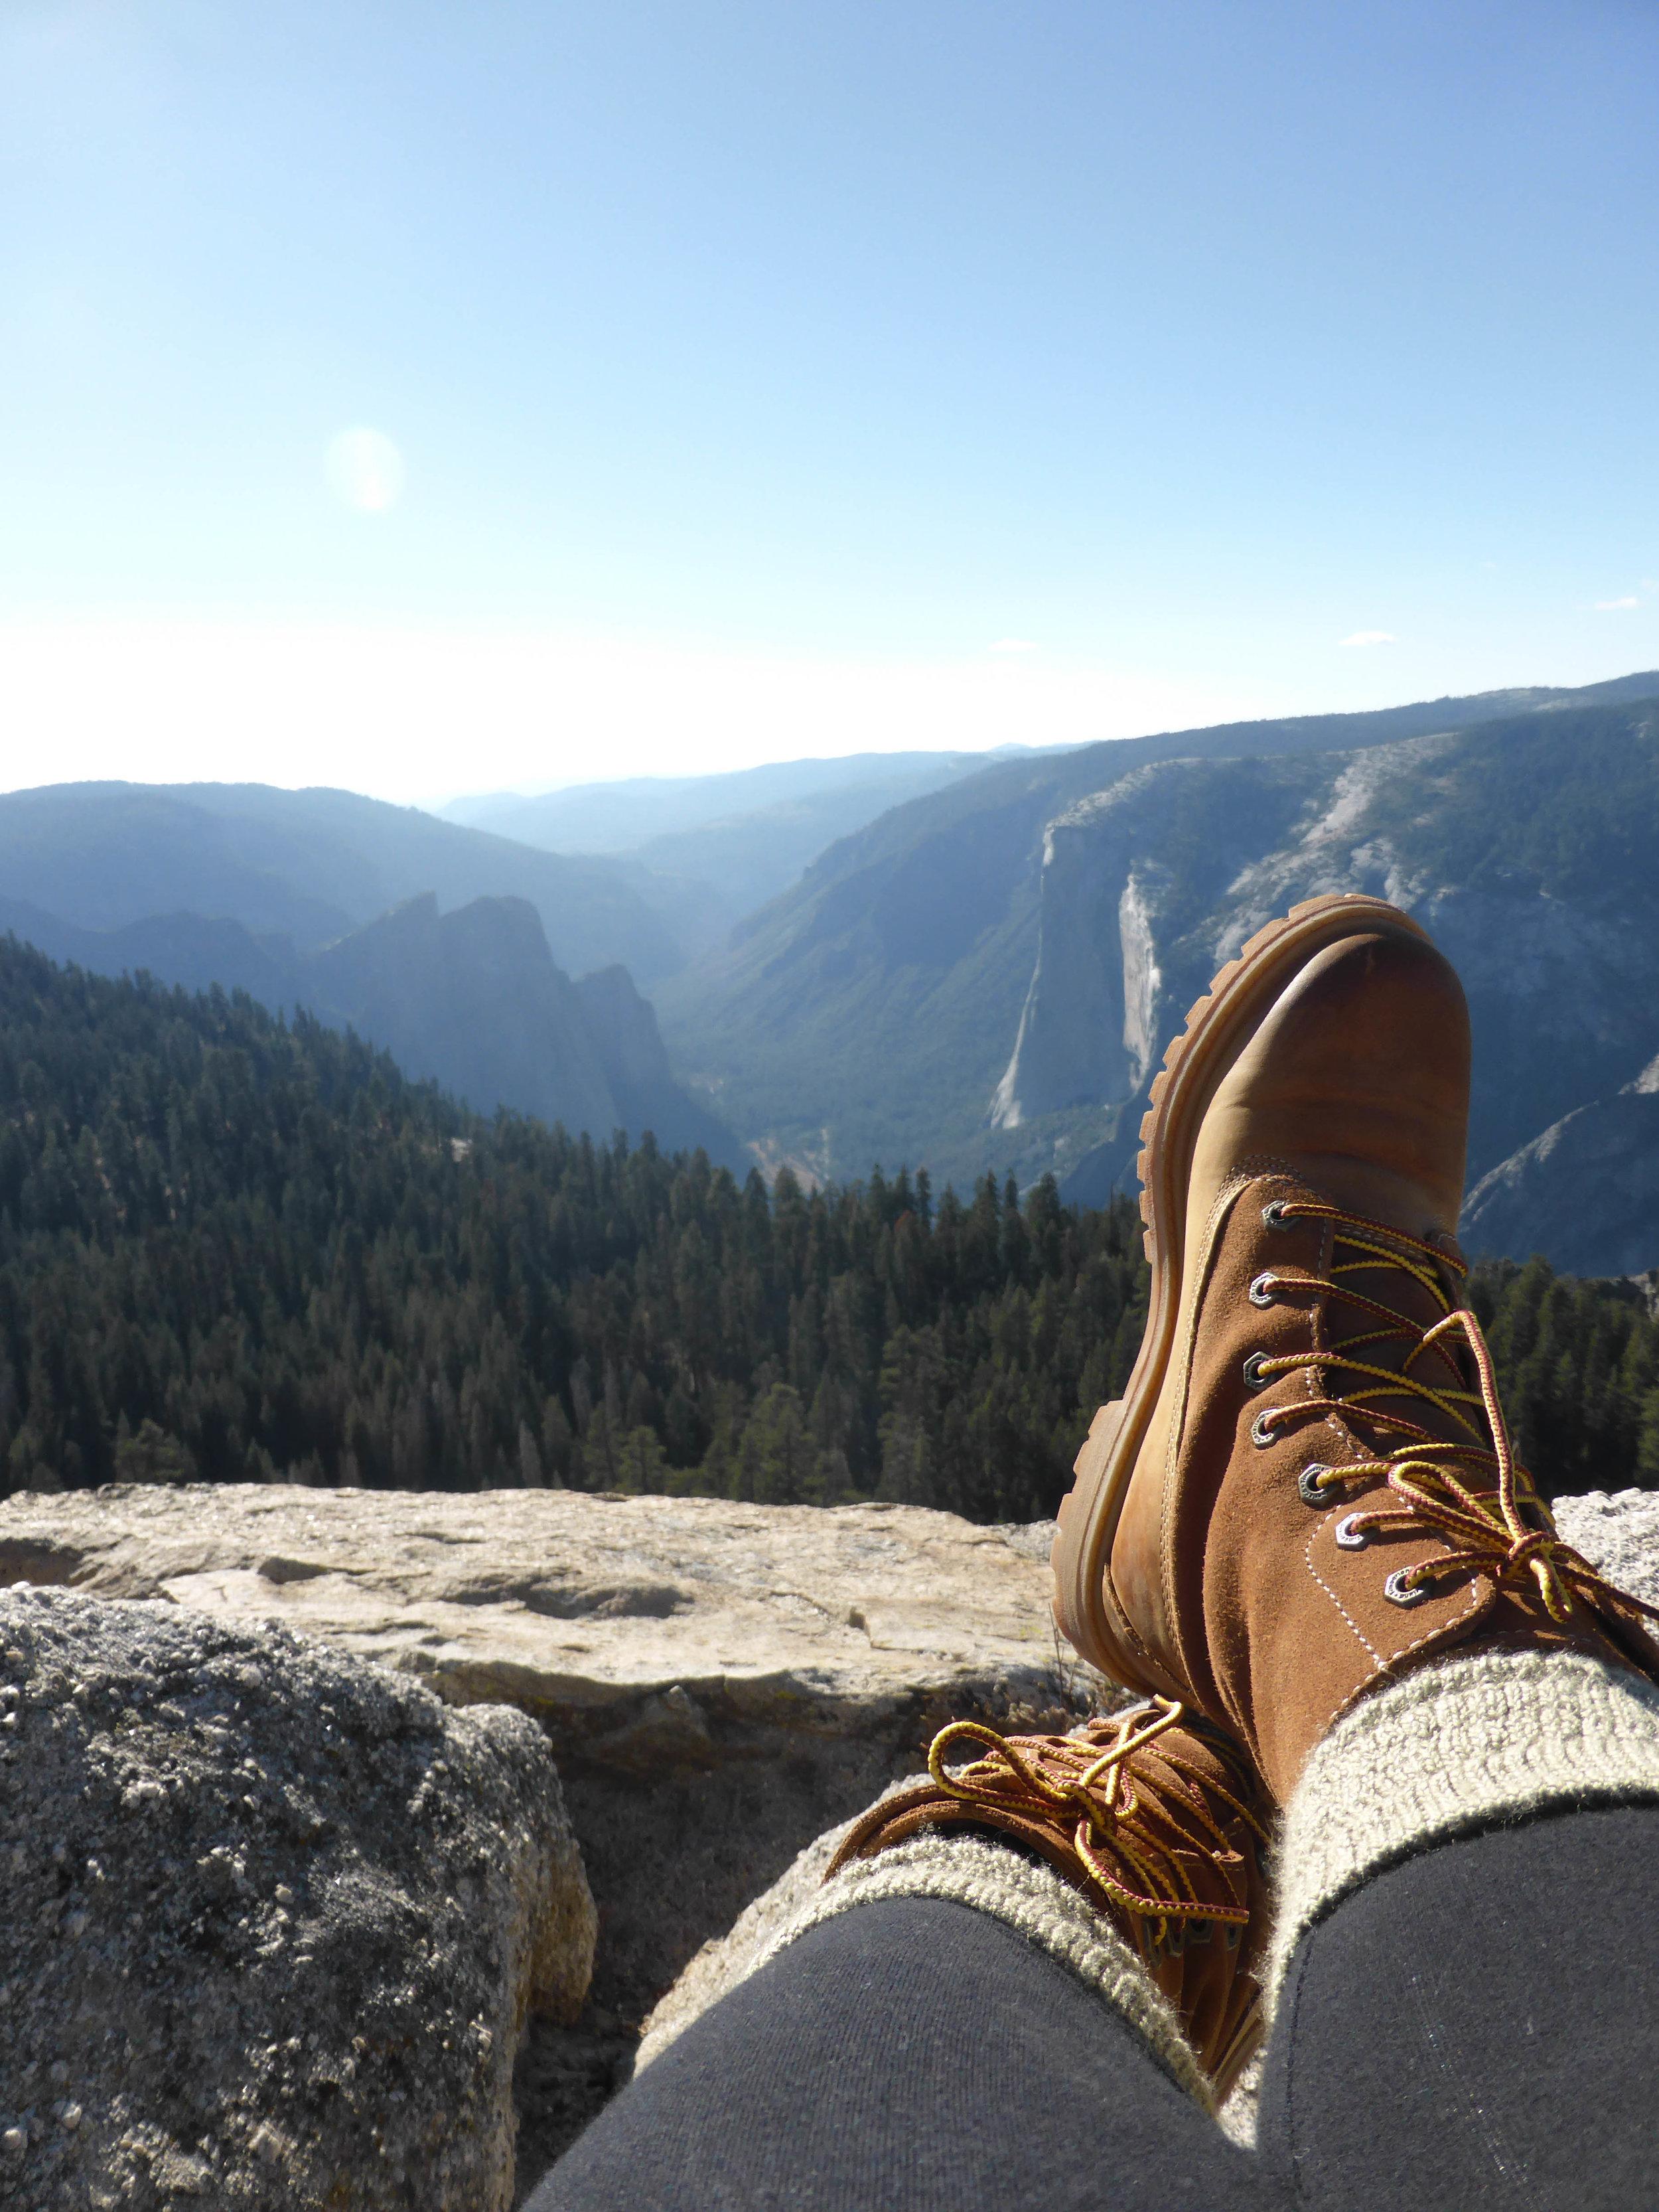 Yosemite, CA, USA